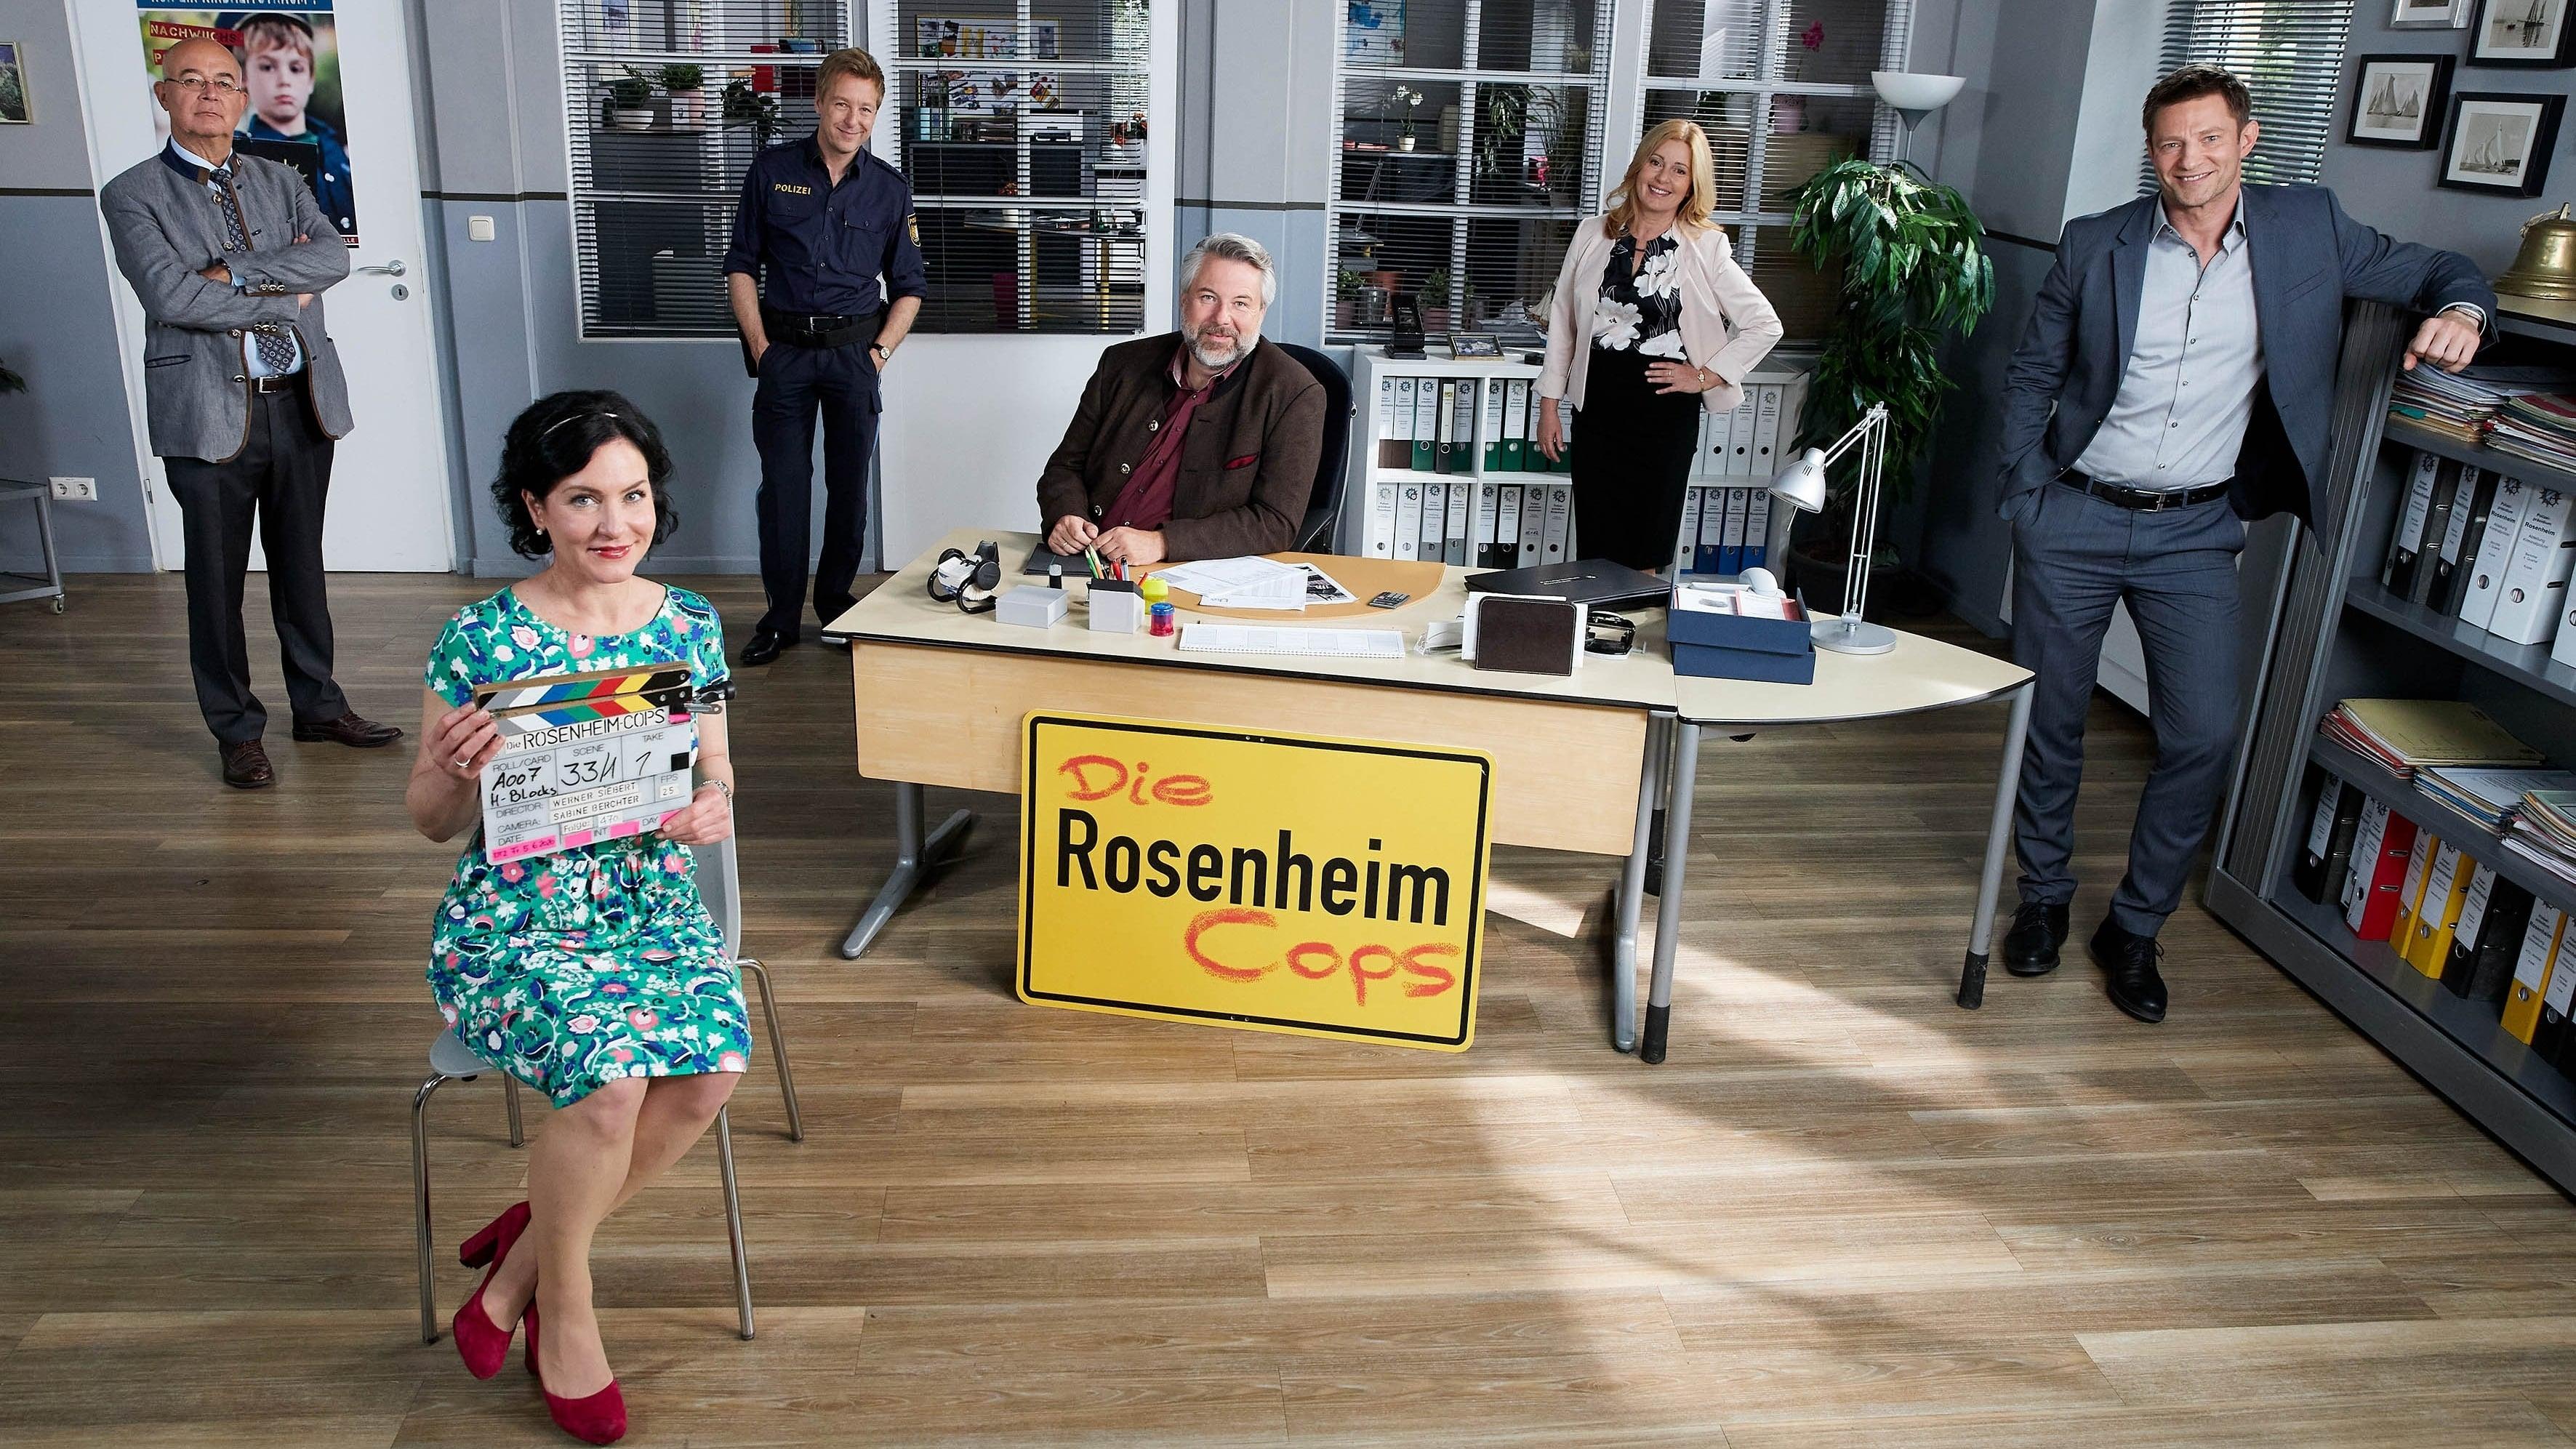 Die Rosenheim-Cops - Season 14